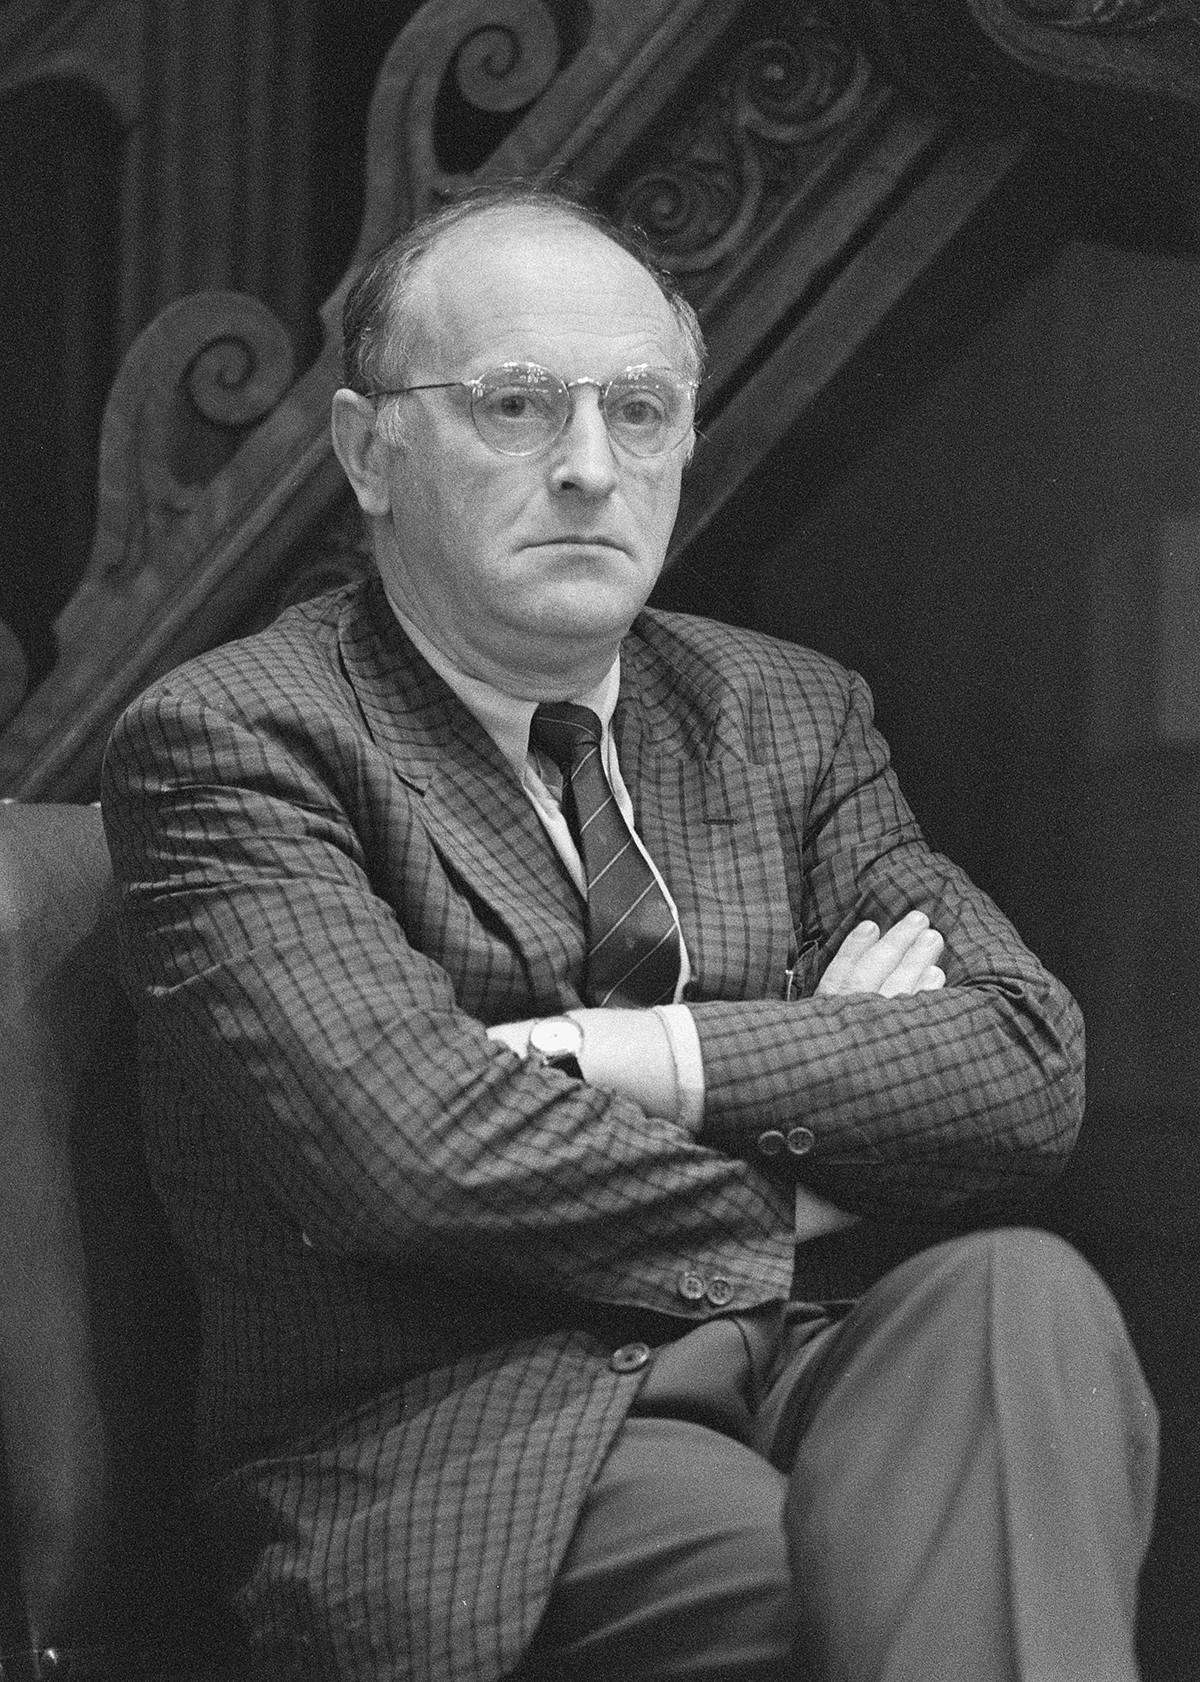 ヨシフ・ブロツキー